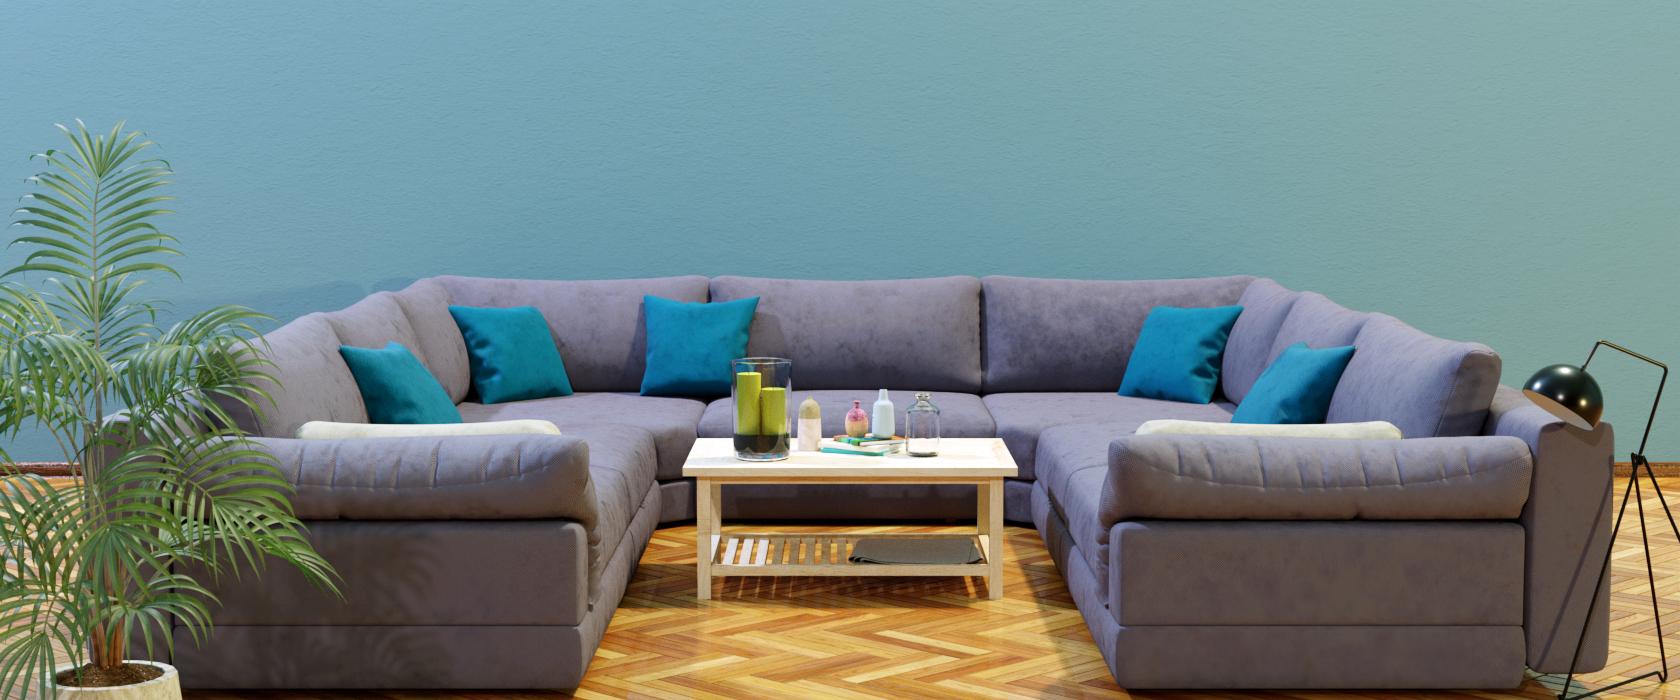 Модульный диван Claudia 340x355 - Фото 2 - Pufetto